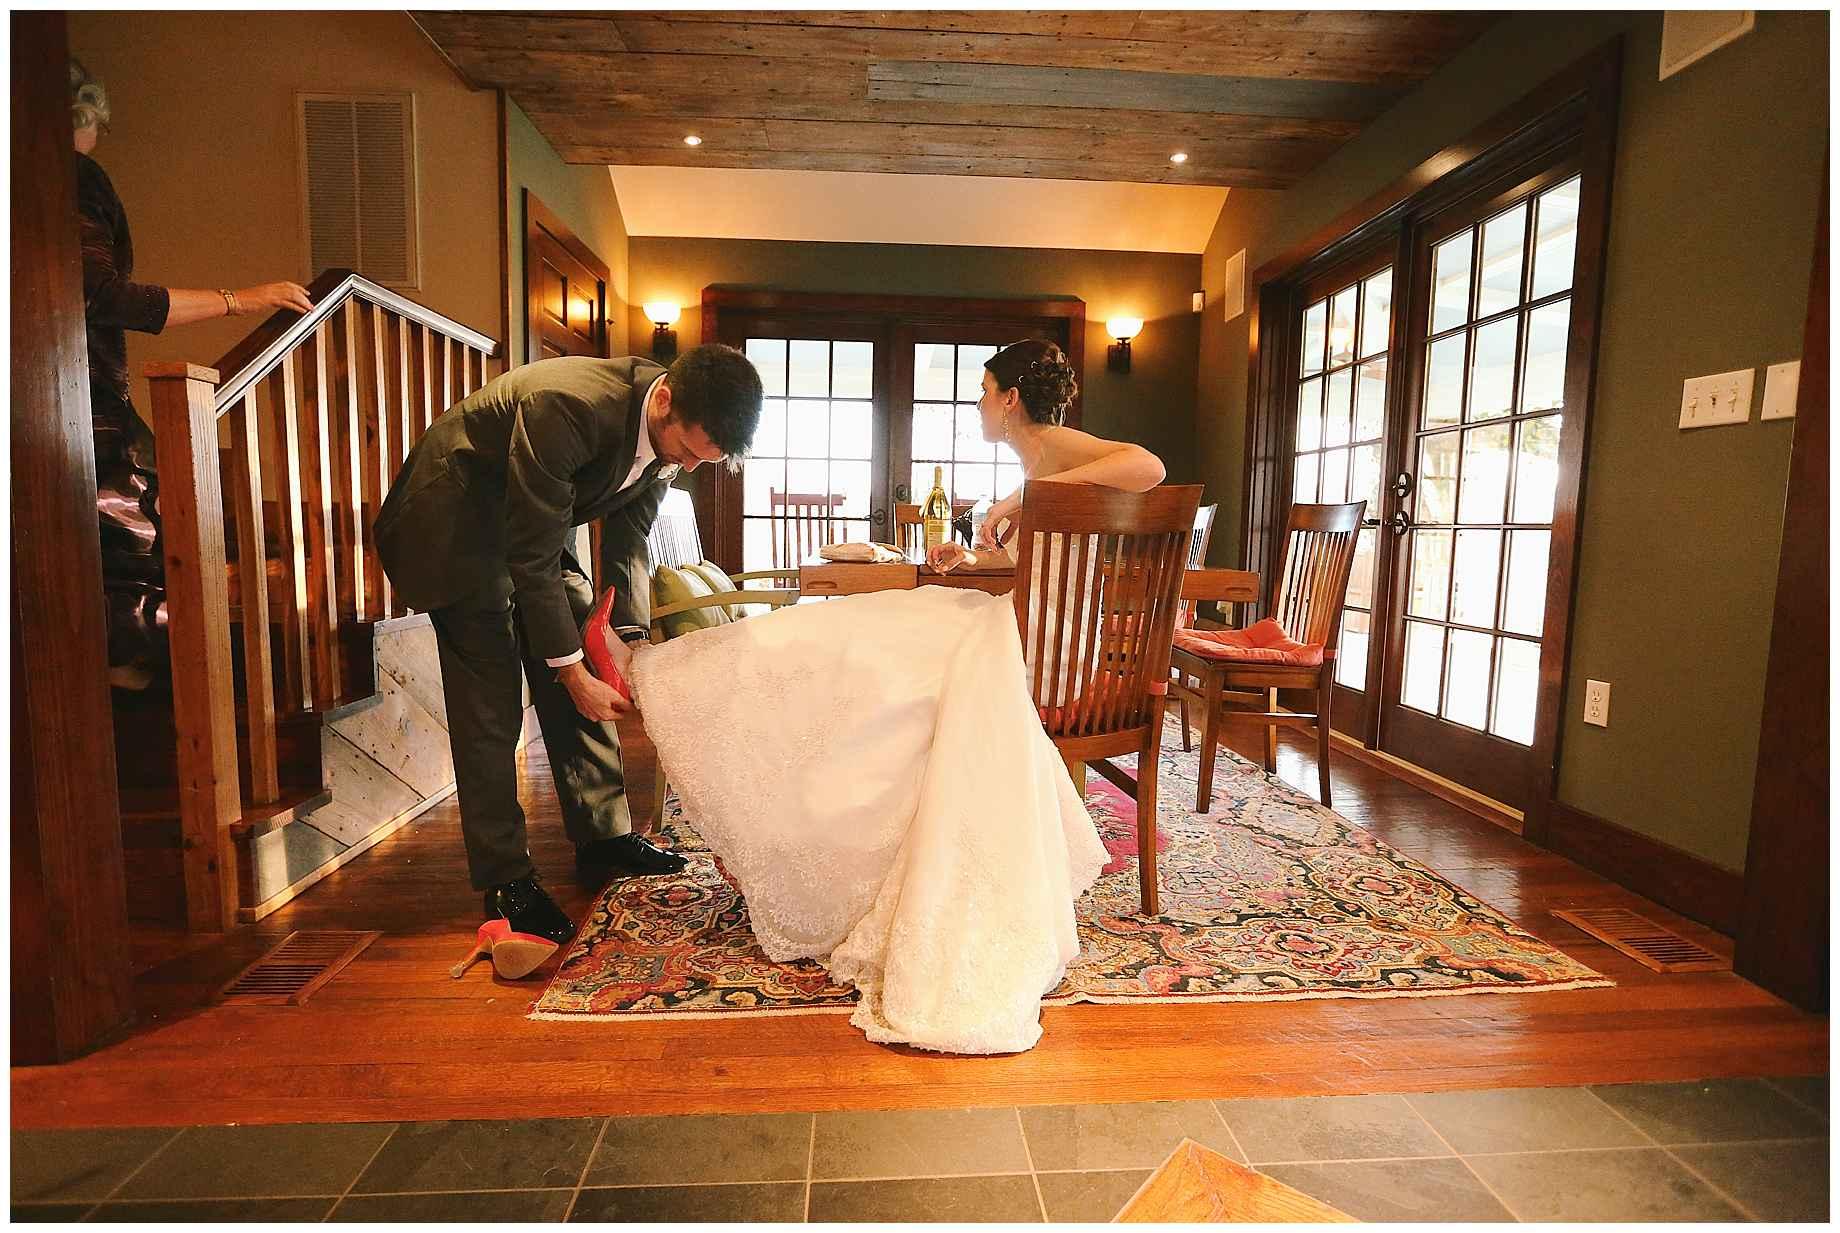 howell-family-farms-wedding-photos-06